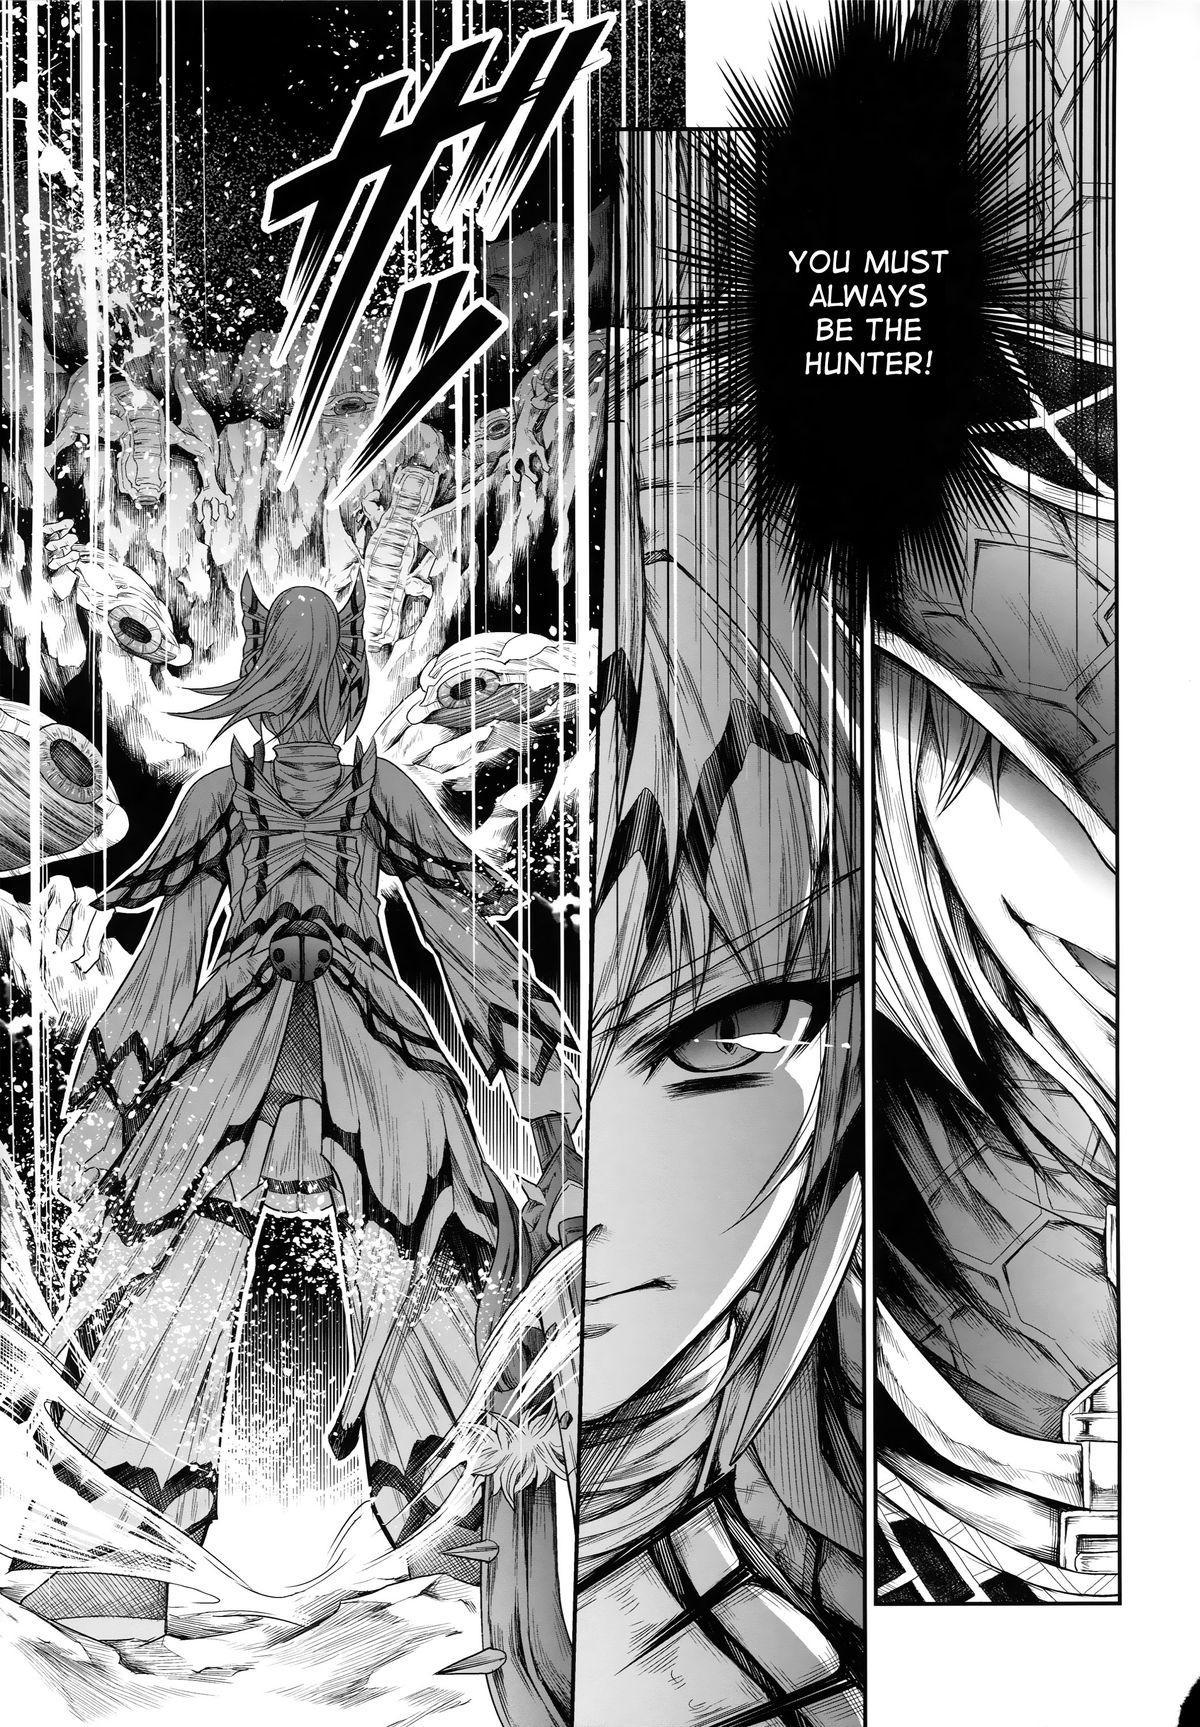 Solo Hunter no Seitai 4 The fifth part 11